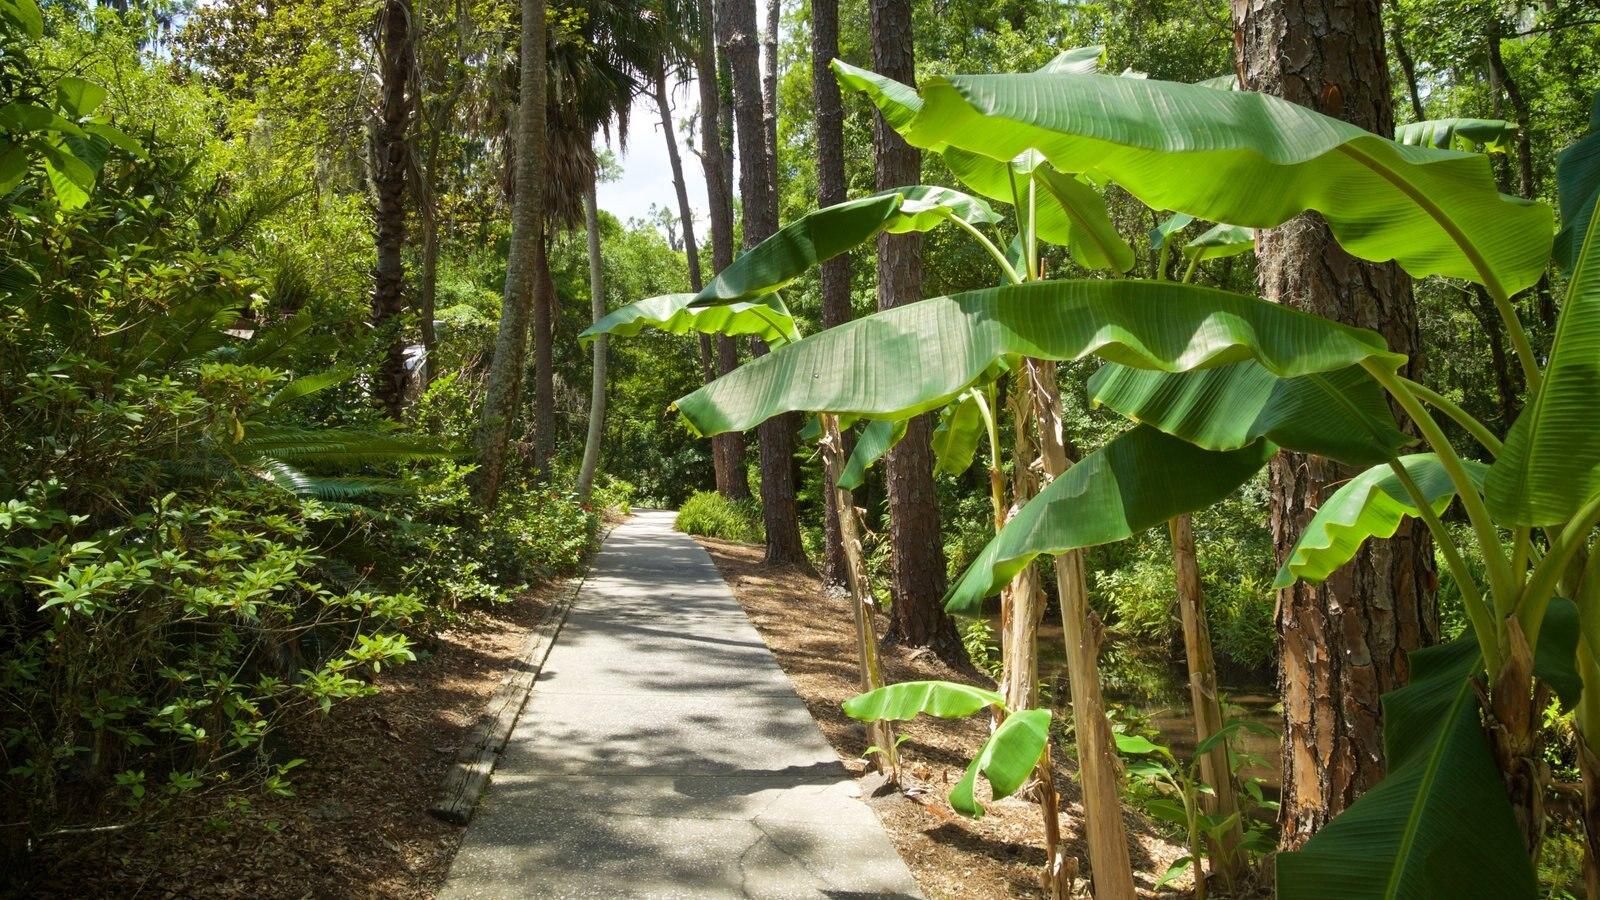 Parque regional Eureka Springs mostrando un jardín